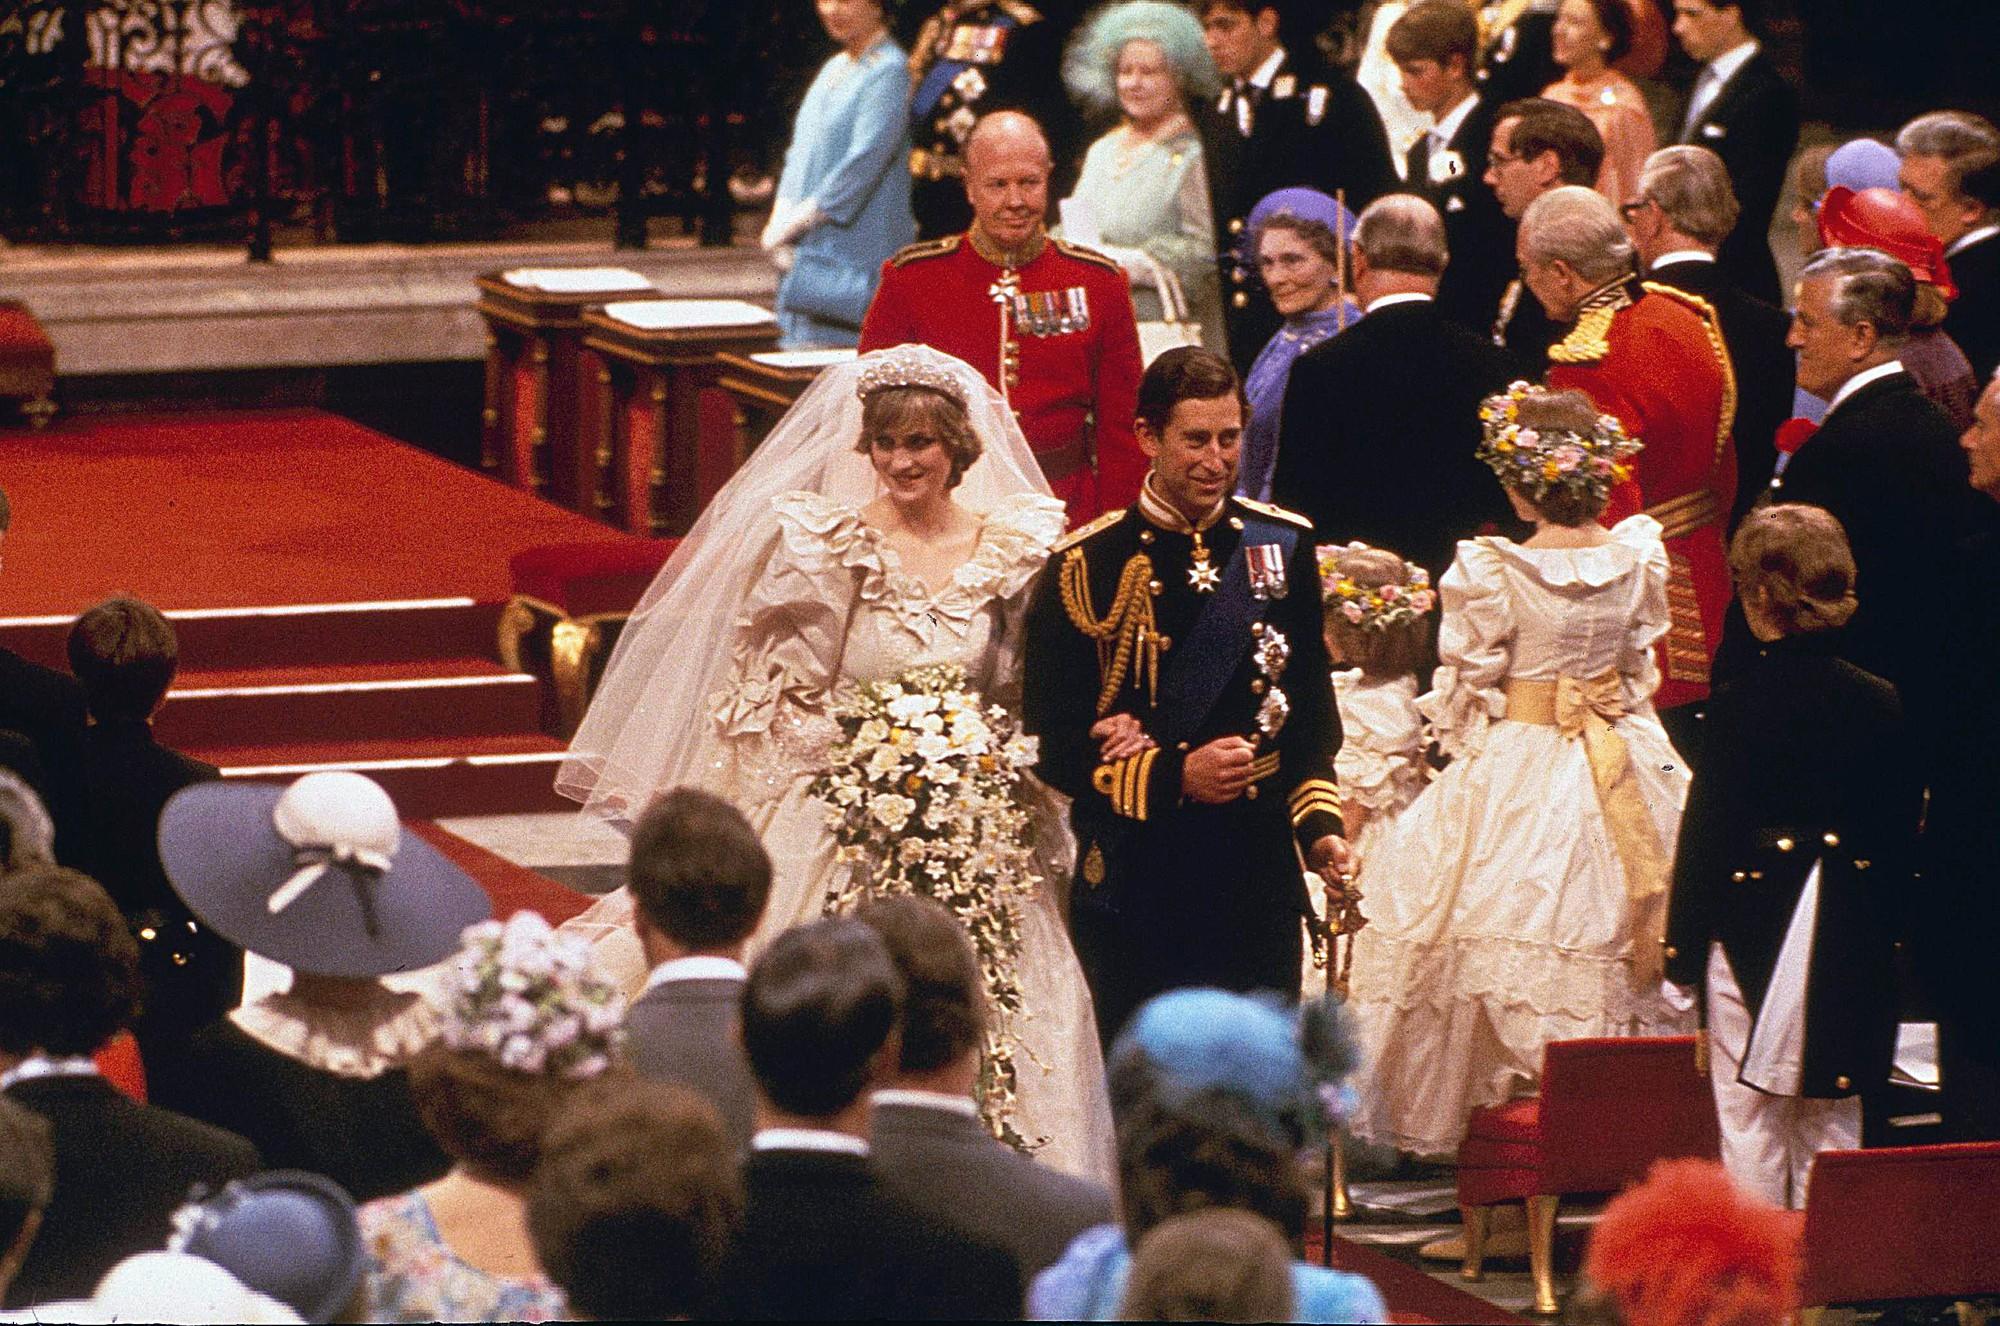 5 lần tự sát không thành của Công nương Diana, ngay cả khi đang mang thai và thái độ dửng dưng của Thái tử Charles - Ảnh 1.